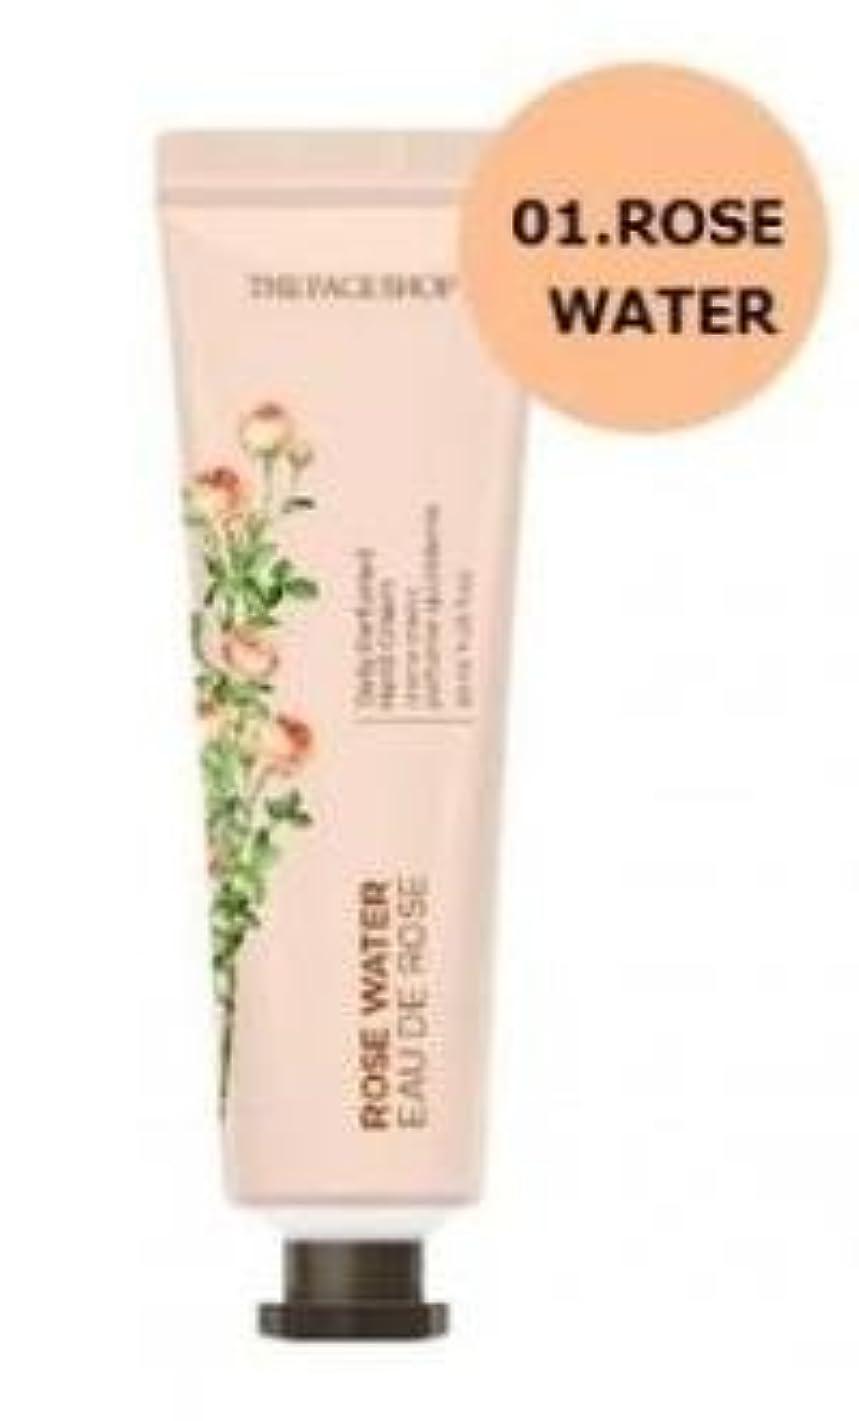 シルエット木製先住民THE FACE SHOP Daily Perfume Hand Cream [01.Rose Water] ザフェイスショップ デイリーパフュームハンドクリーム [01.ローズウォーター] [new] [並行輸入品]